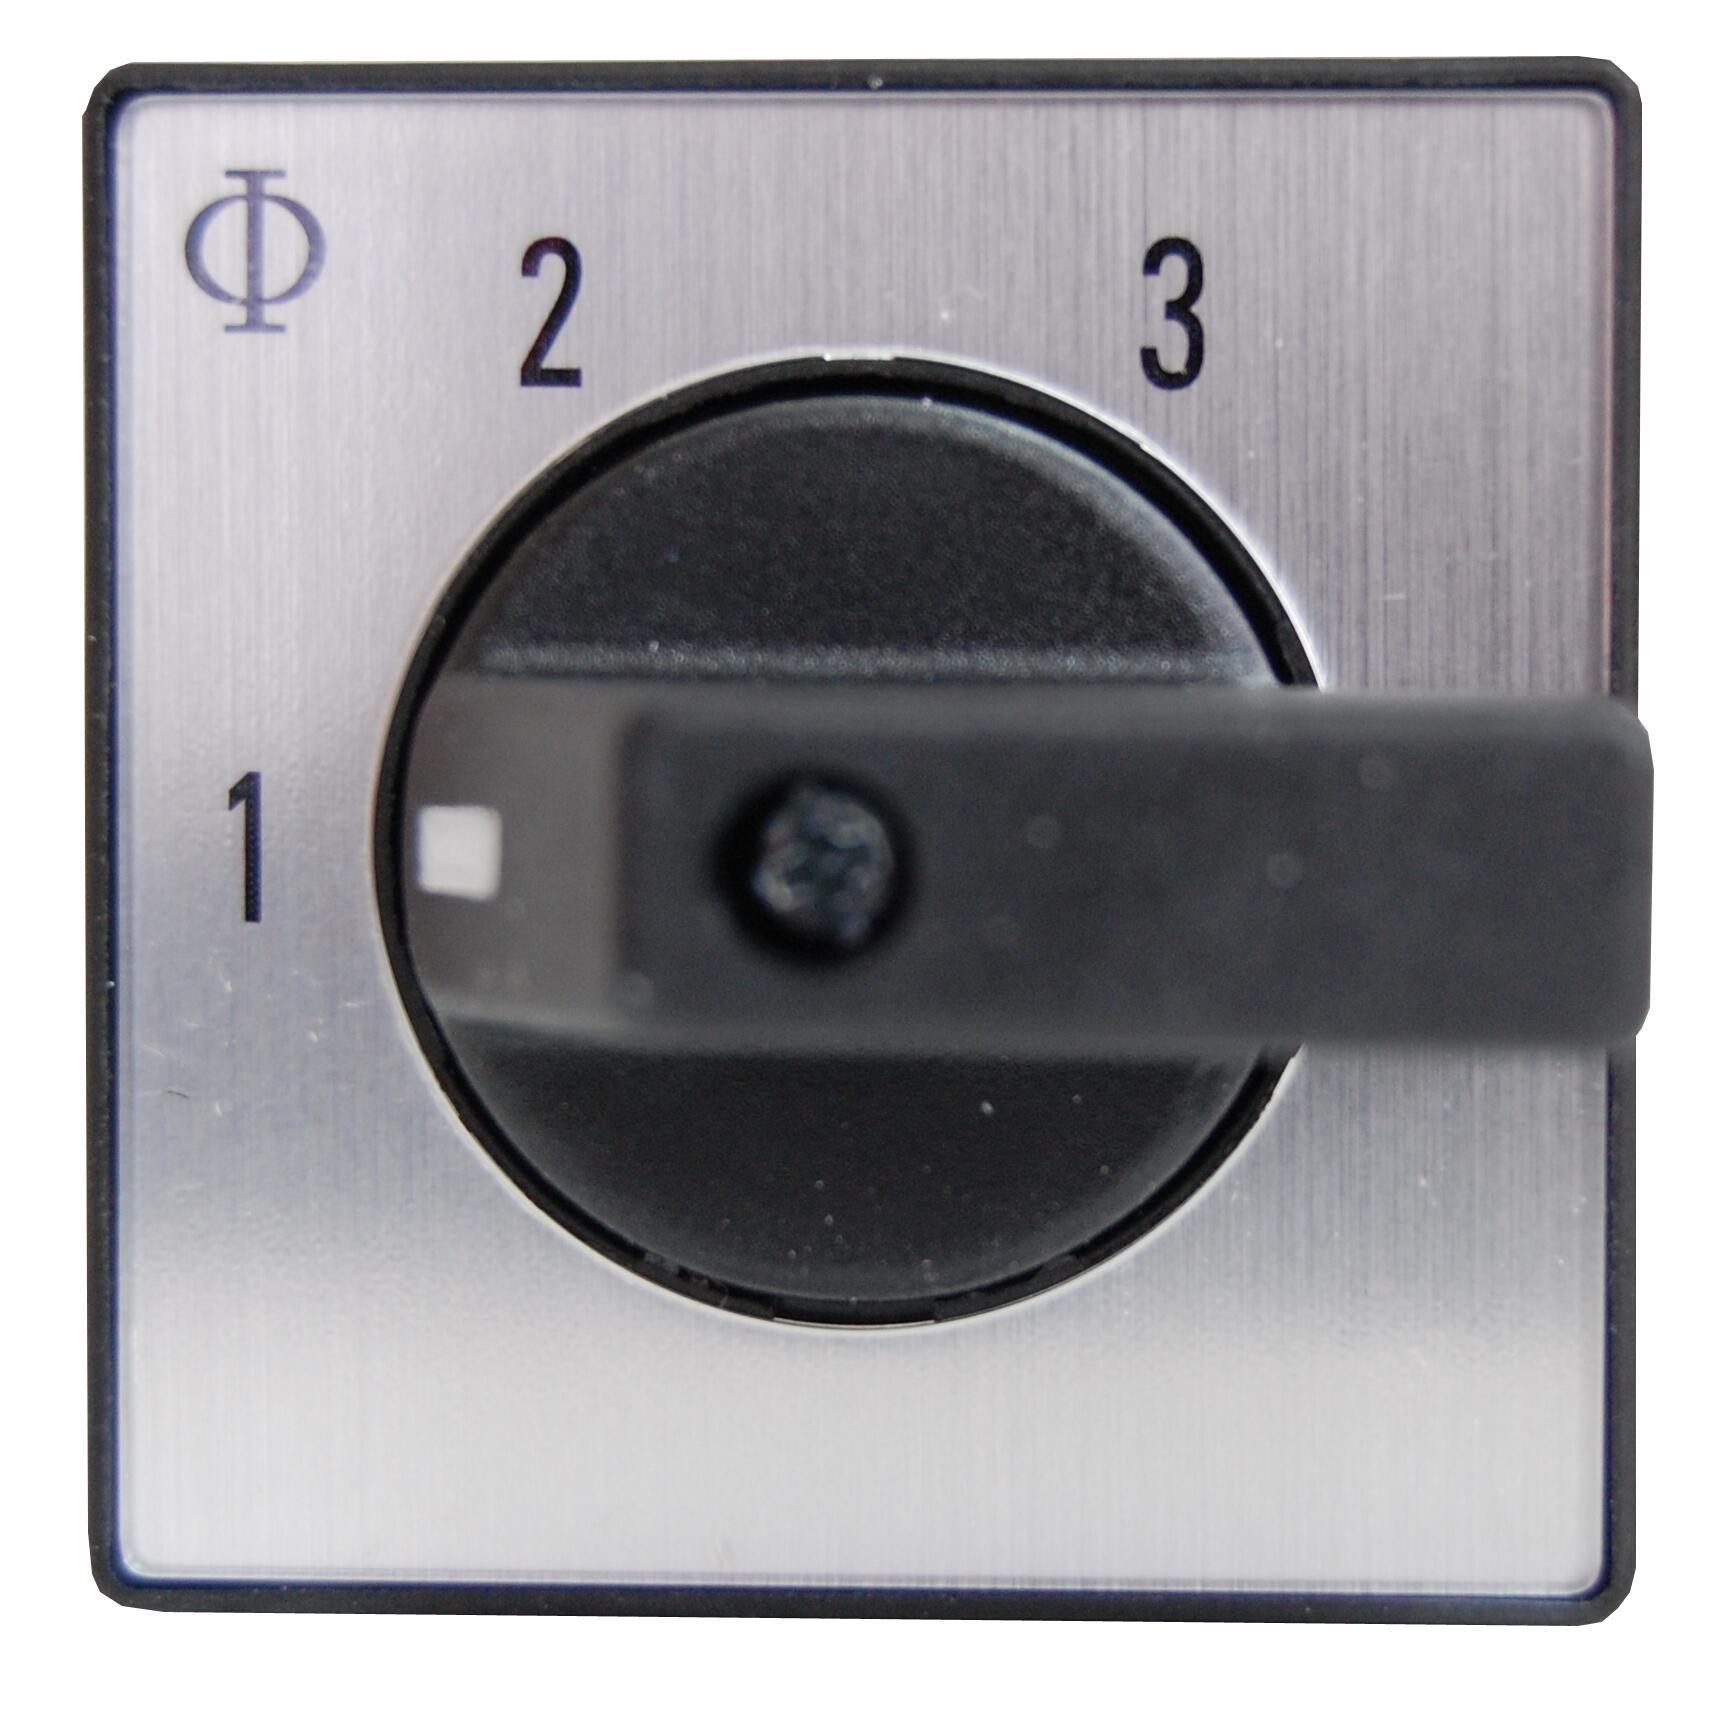 1 Stk Stufenschalter o. 0 Stellung, Front, 5 Stufen, 20A, 1-polig IN022019--